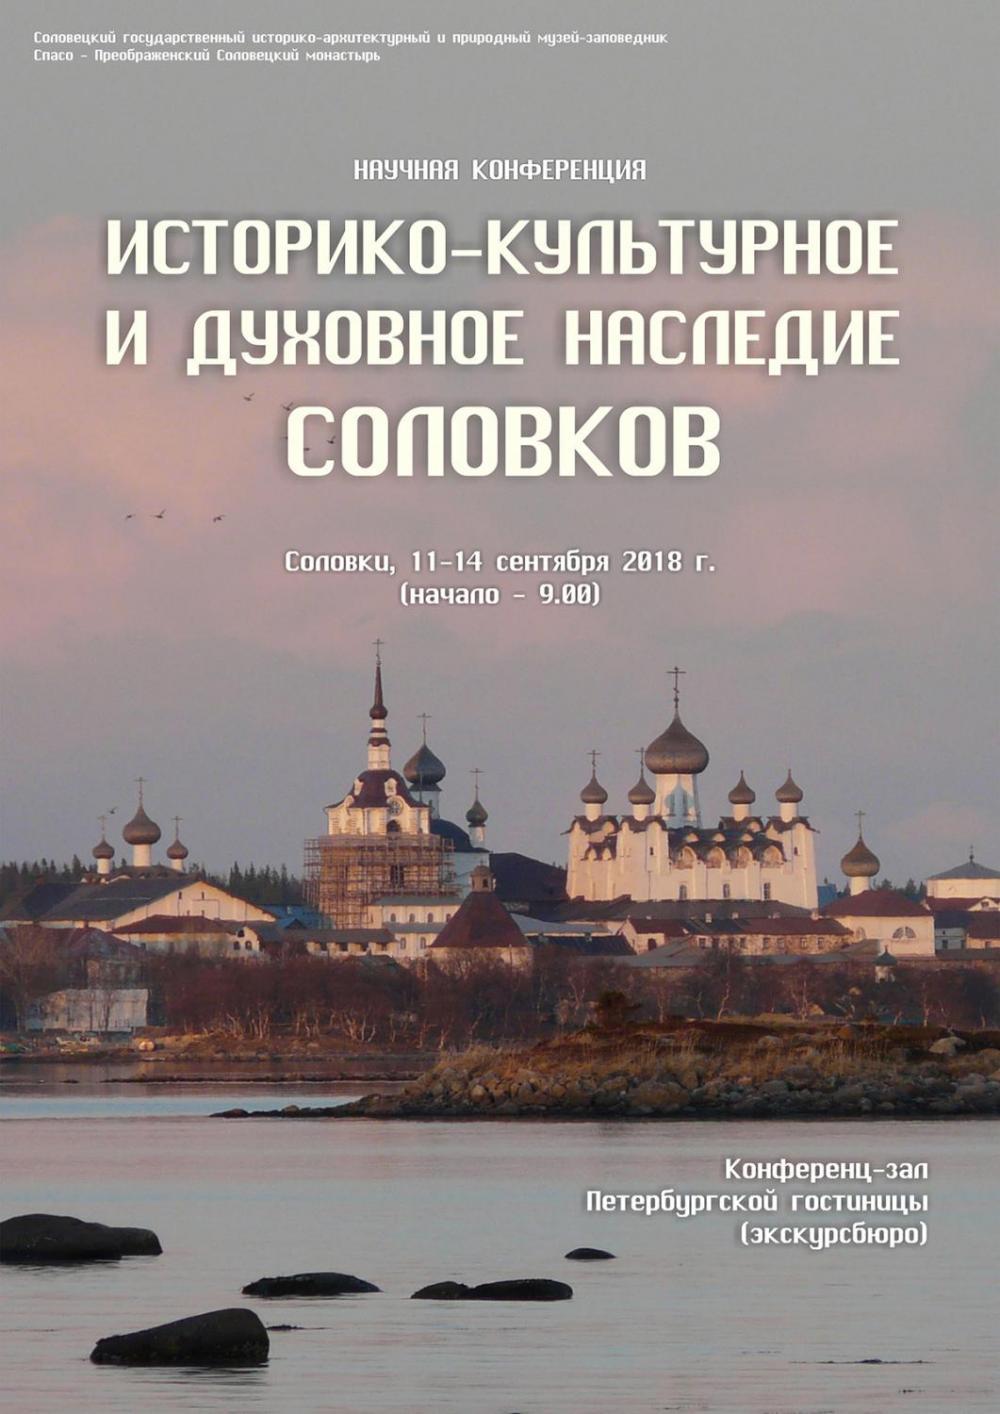 Афиша конференции «Историко-культурное и духовное наследие Соловков»